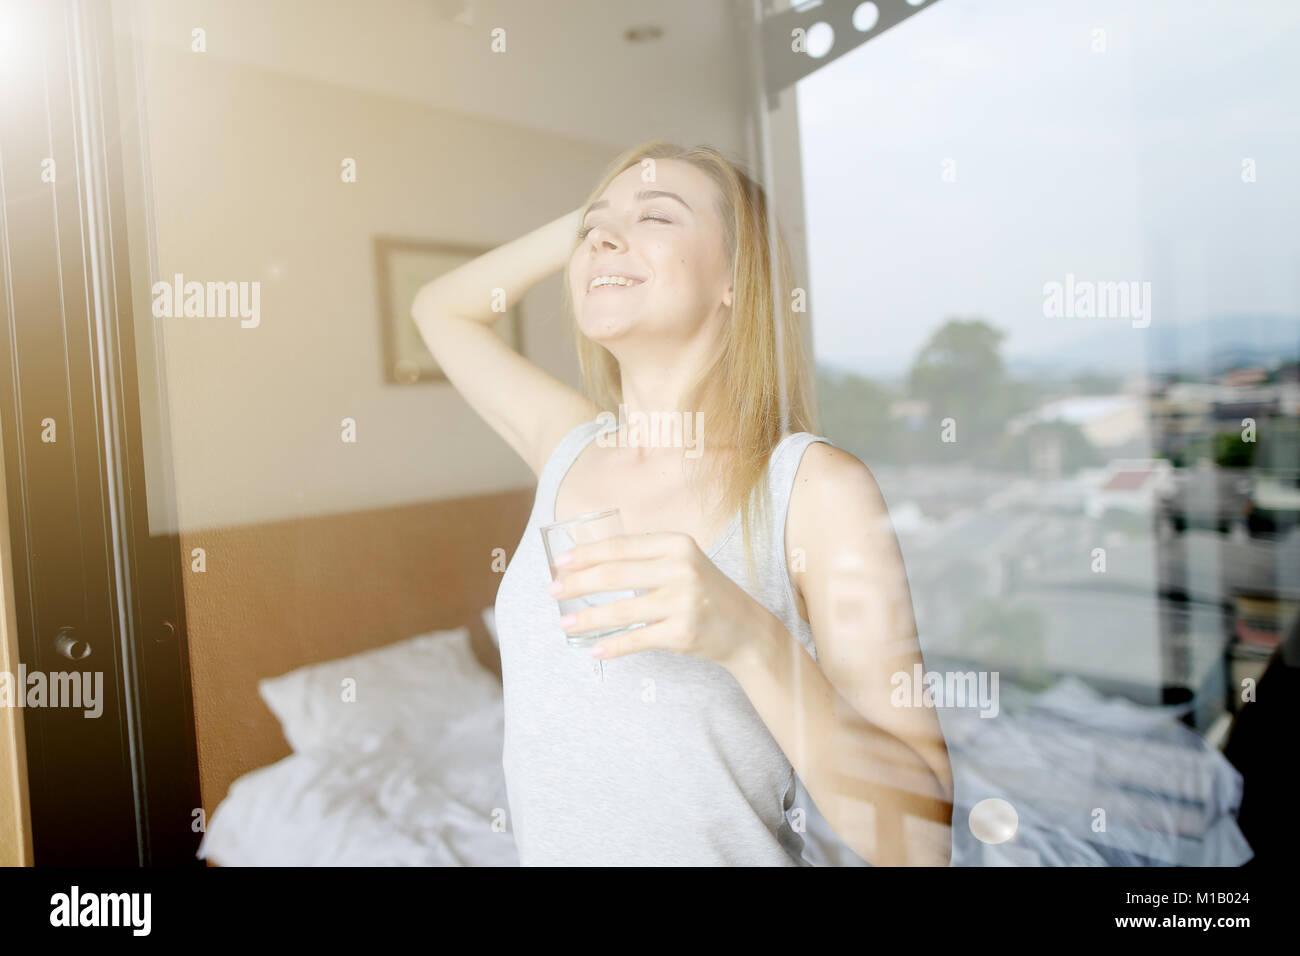 La mujer es el estiramiento después de dormir con un vaso de agua Imagen De Stock